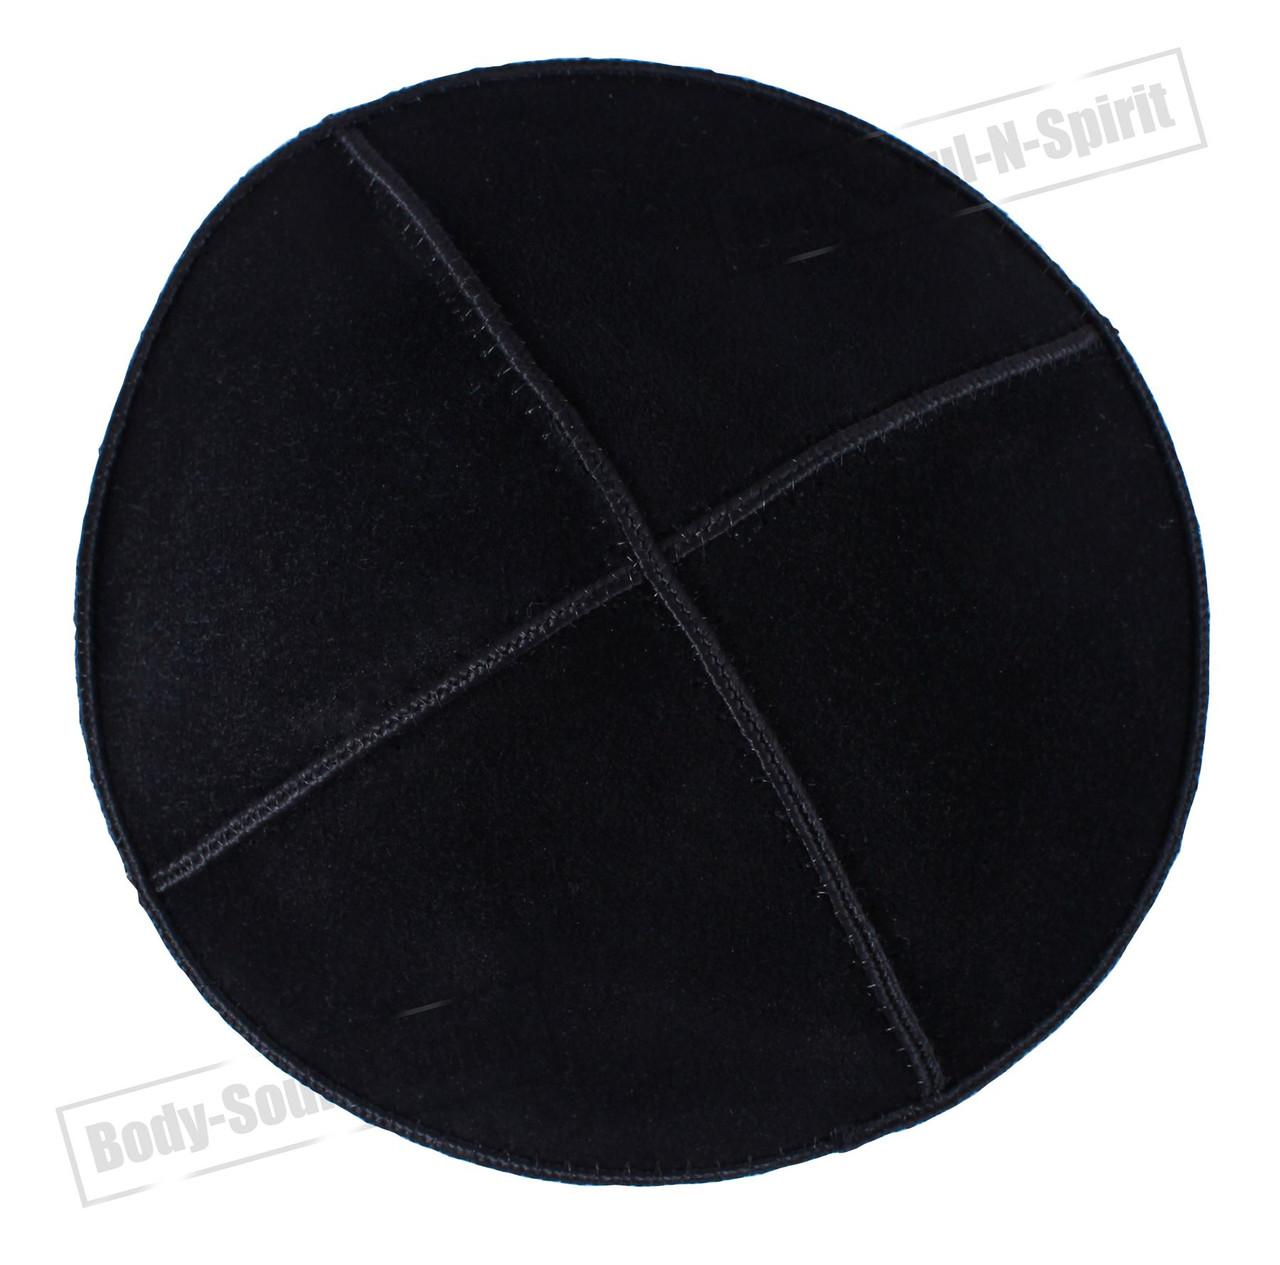 d4475328739 Black leather Beanie Kippah Yarmulke Kippa Israel Tribal Jewish Hat ...